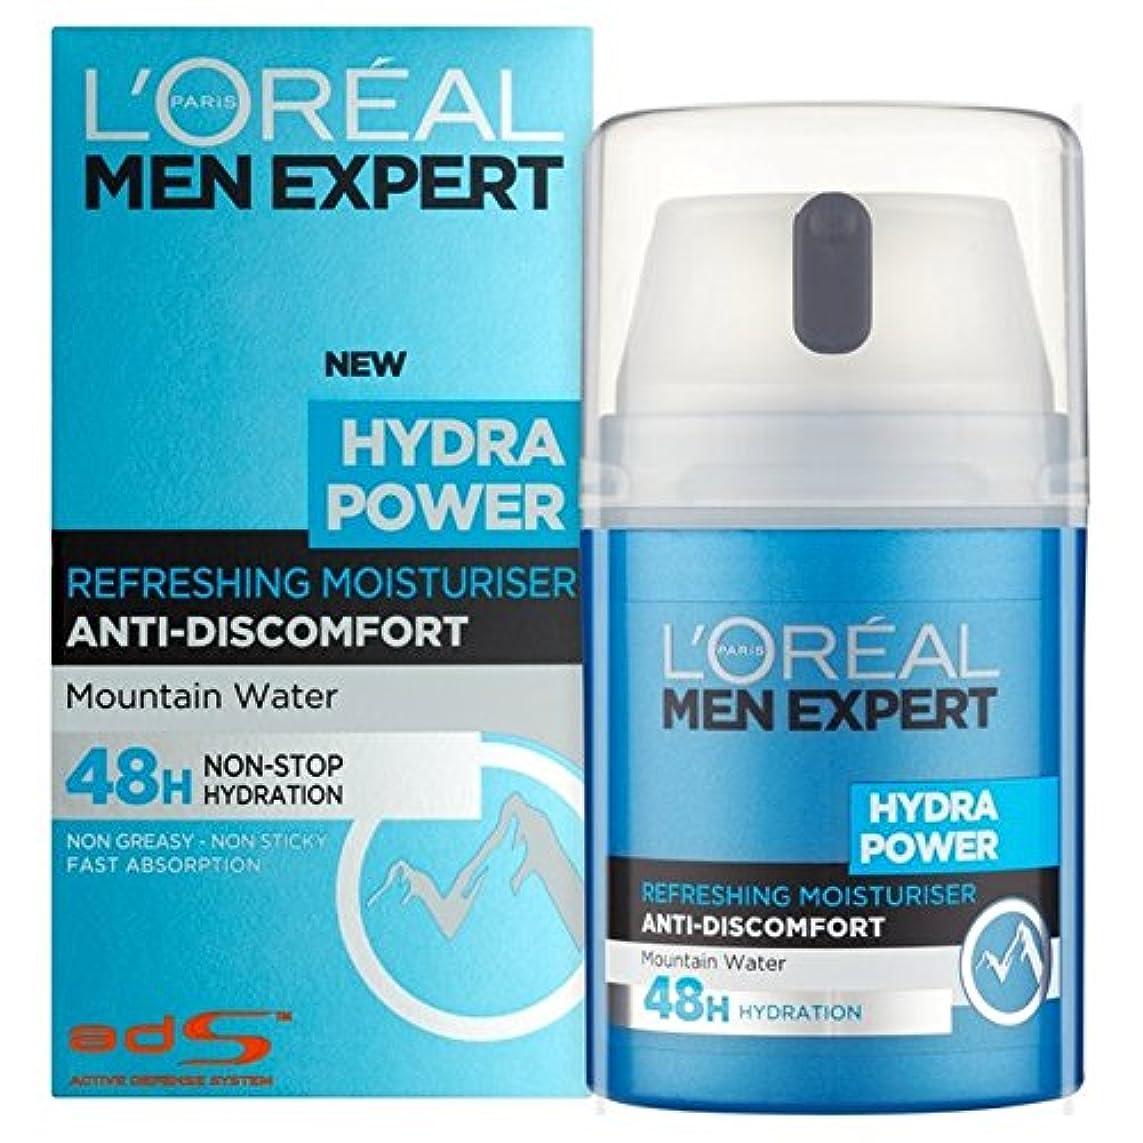 縞模様の動力学冒険者L'Oreal Paris Men Expert Hydra Power Refreshing Moisturiser 50ml - ロレアルパリのメンズ専門ヒドラ電源爽やか保湿50ミリリットル [並行輸入品]